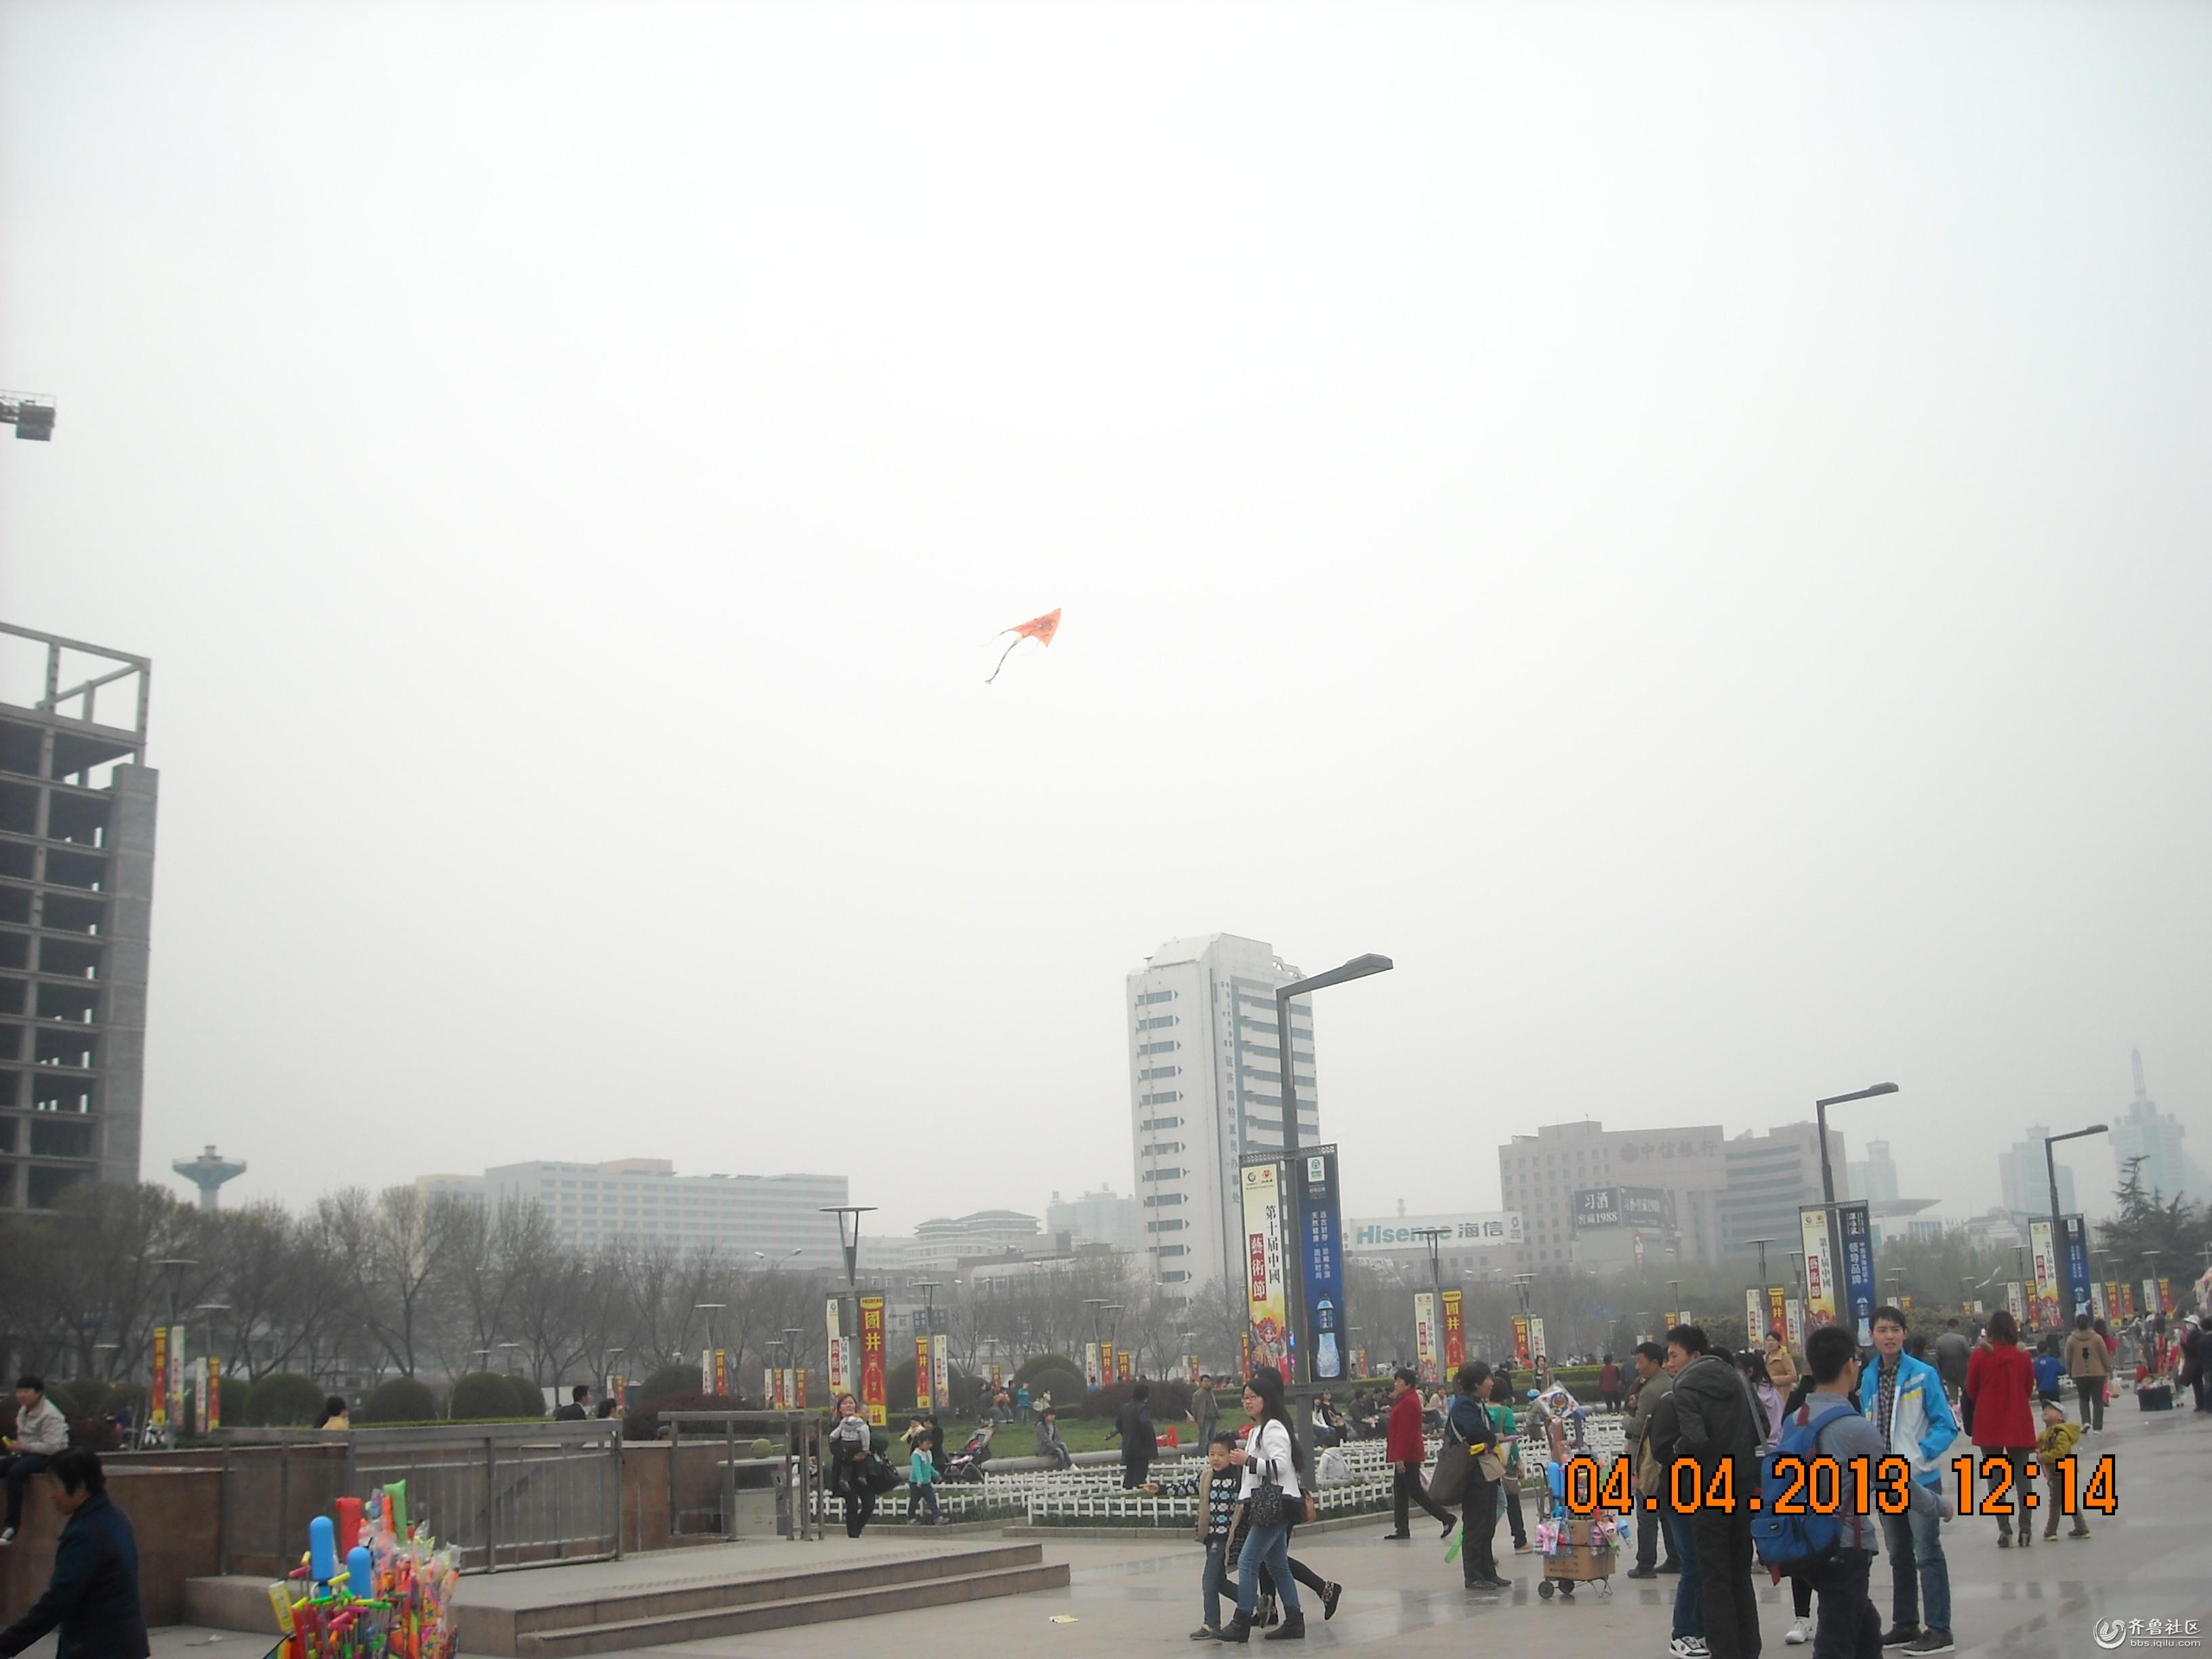 济南地标 - 校园拍客 - 齐鲁社区 - 山东最大的城市